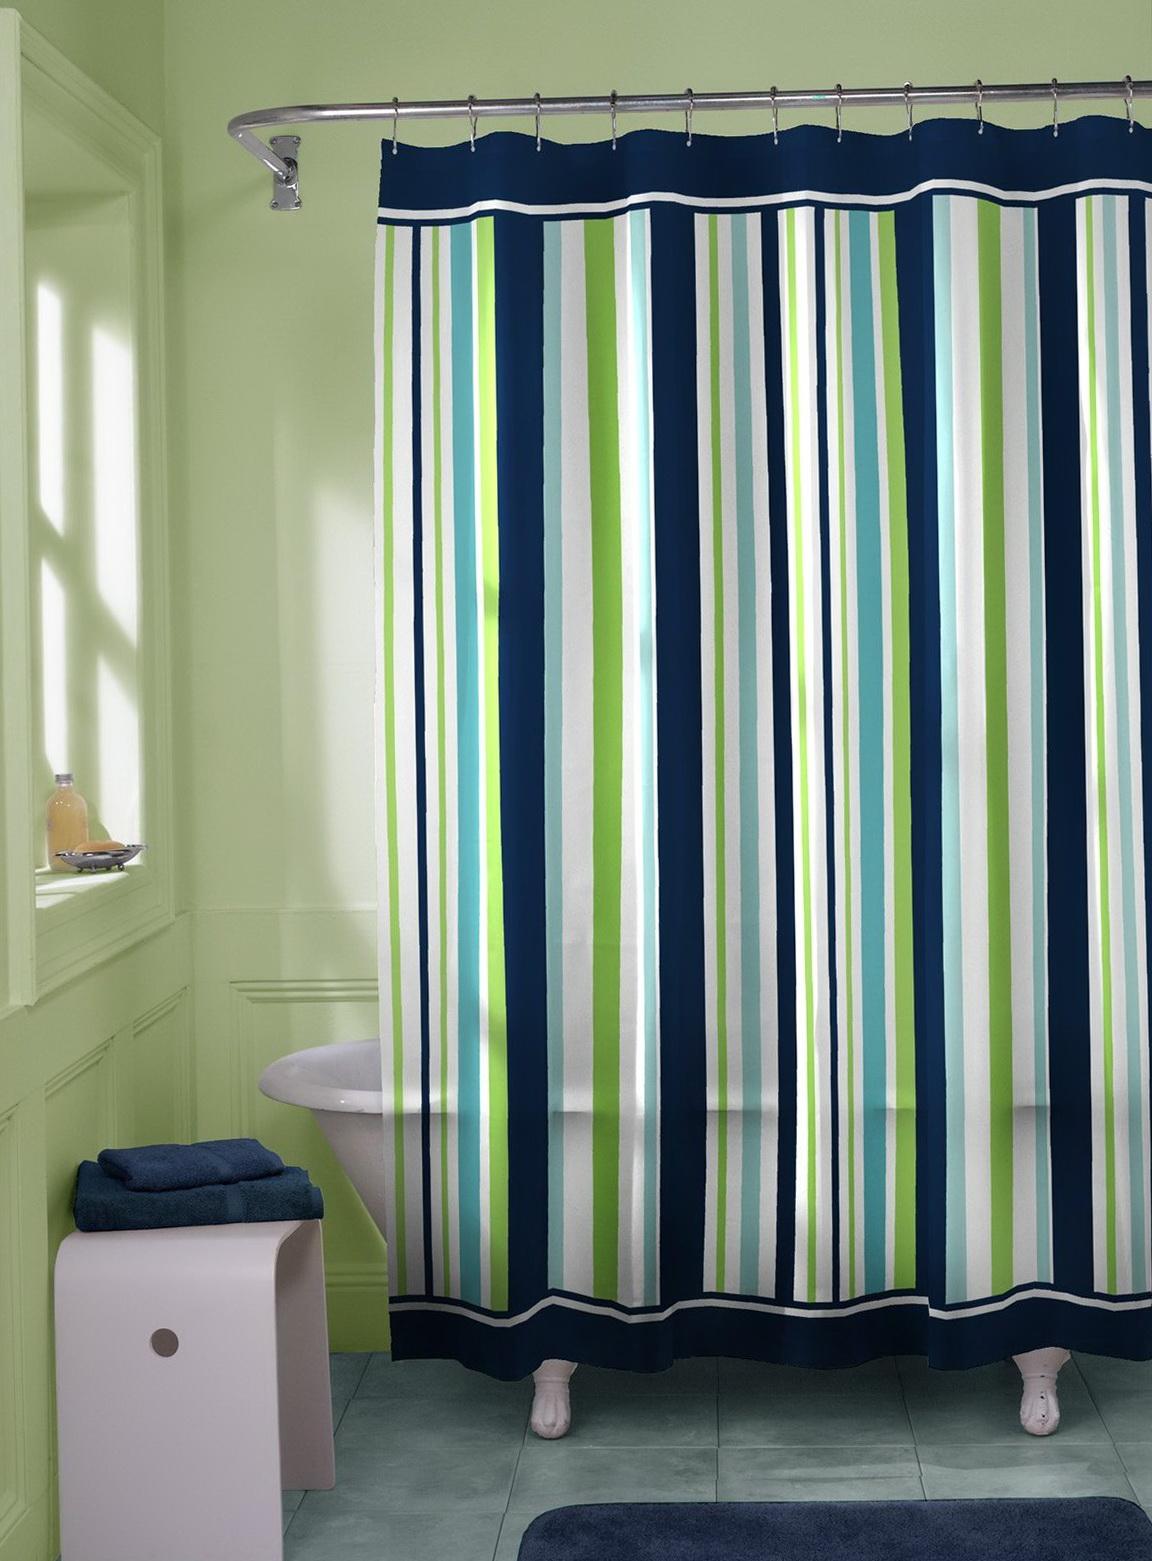 Standard Shower Curtain Height Home Design Ideas